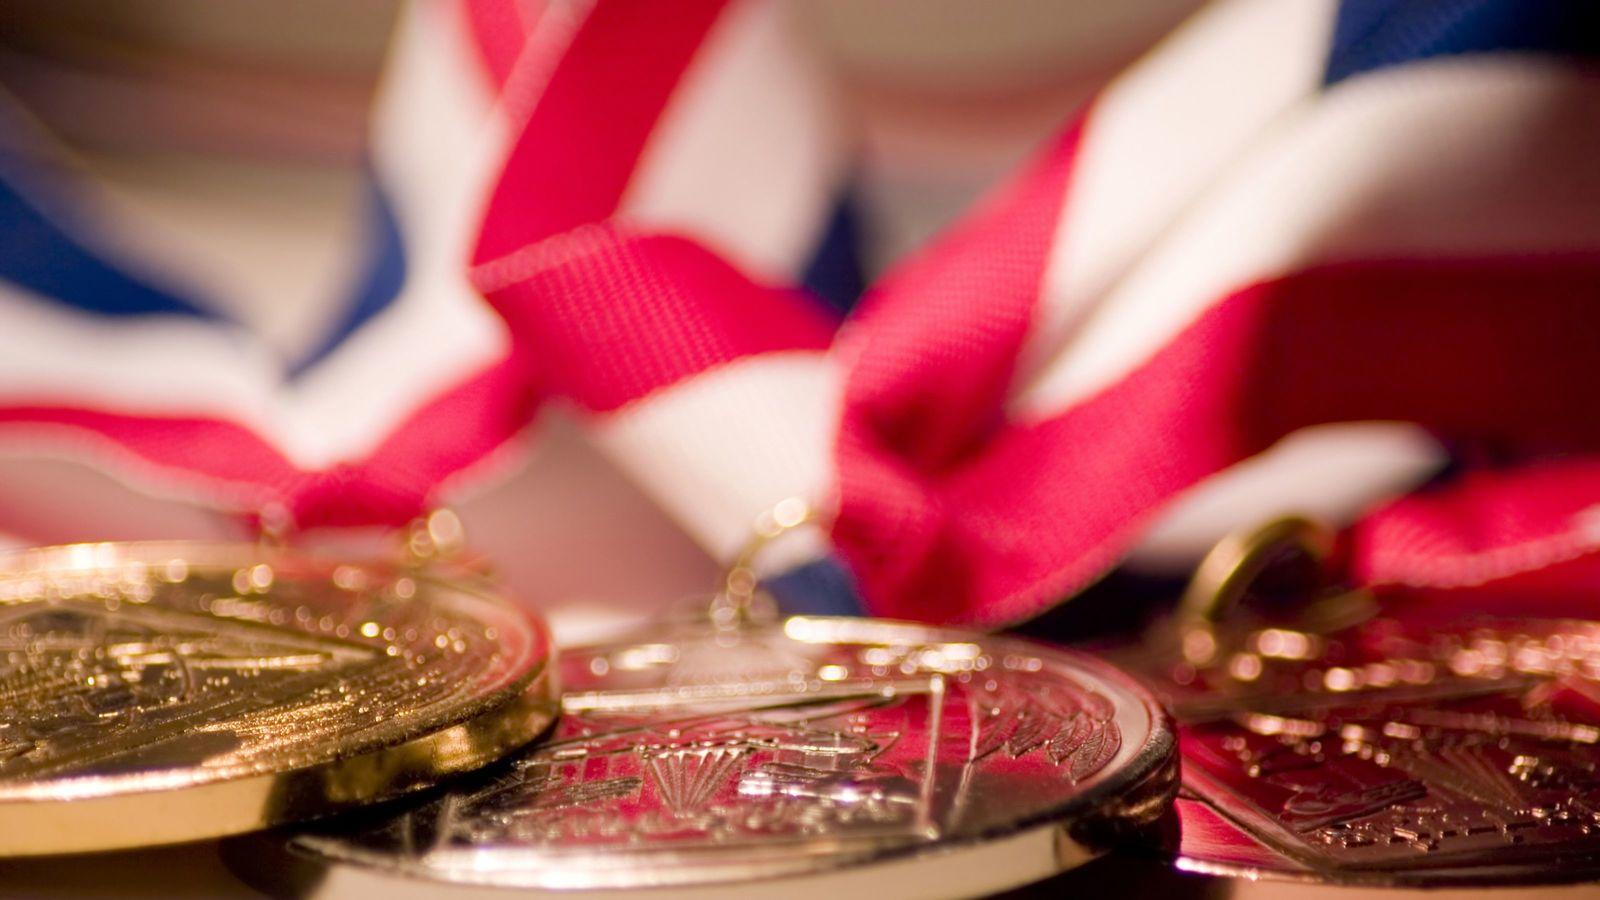 もし東京五輪が実現したら「いつ、誰が、どこで、何枚」メダルを獲るのか大予測! 中止だと31の金を失うことになる